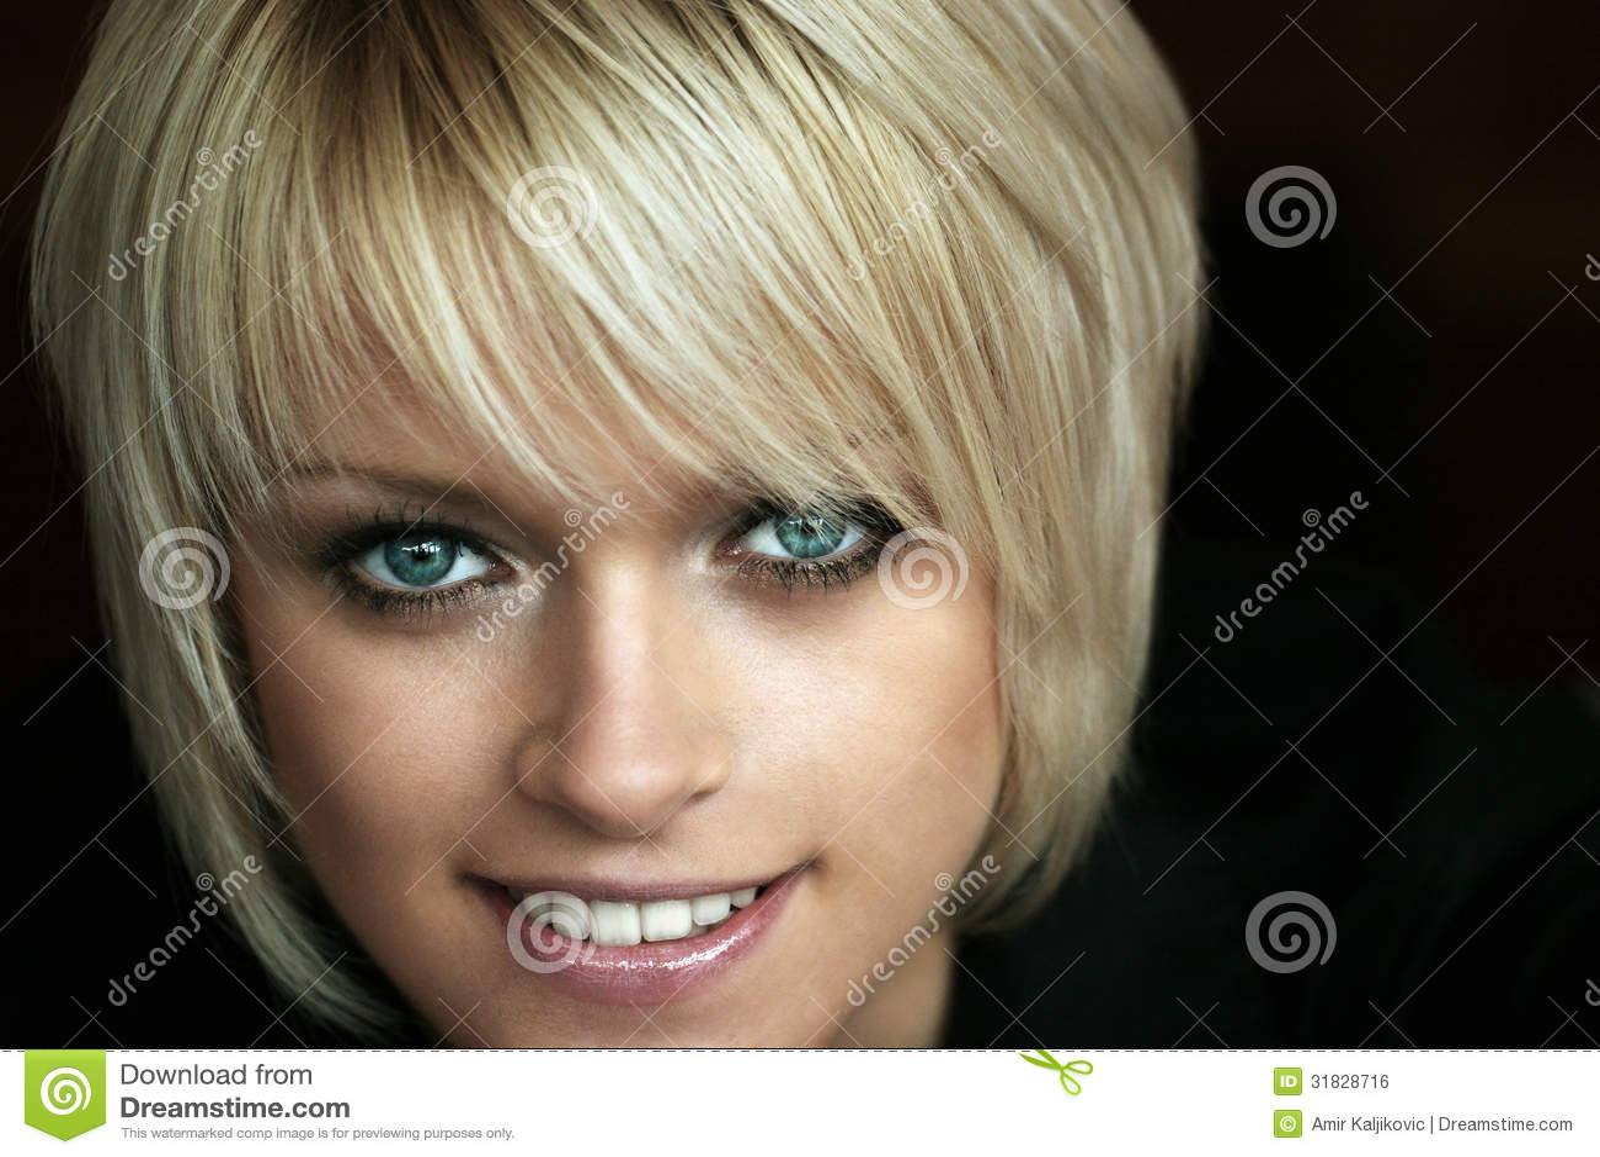 美丽的金发碧眼的女人